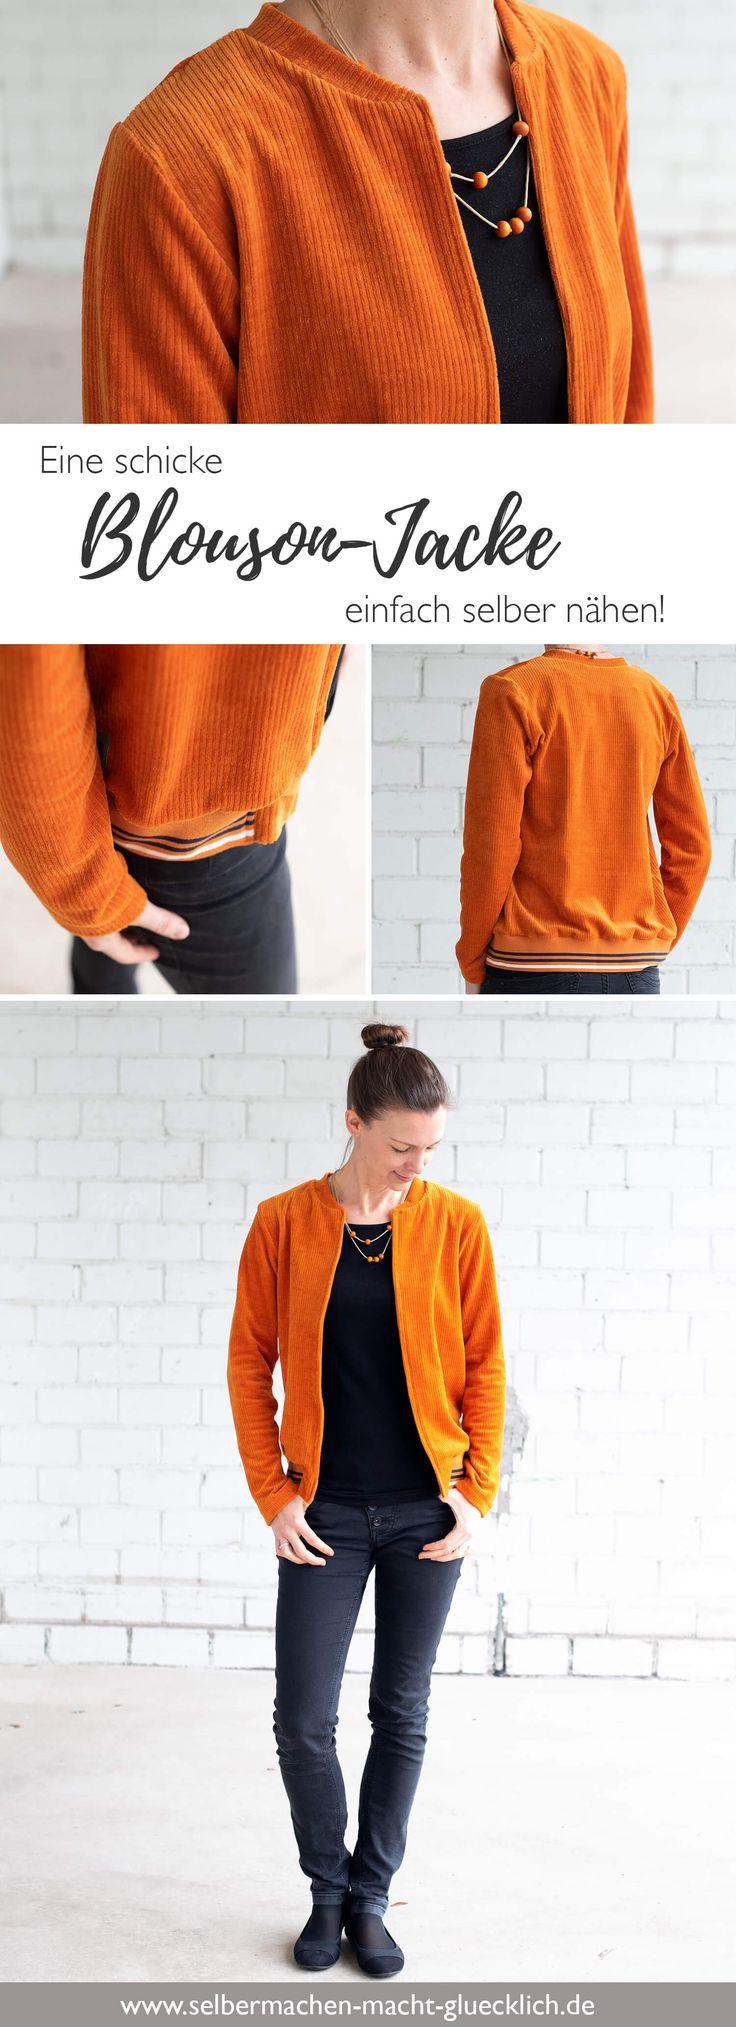 So nähst du dir eine schicke Blouson-Jacke schnell & einfach selber!